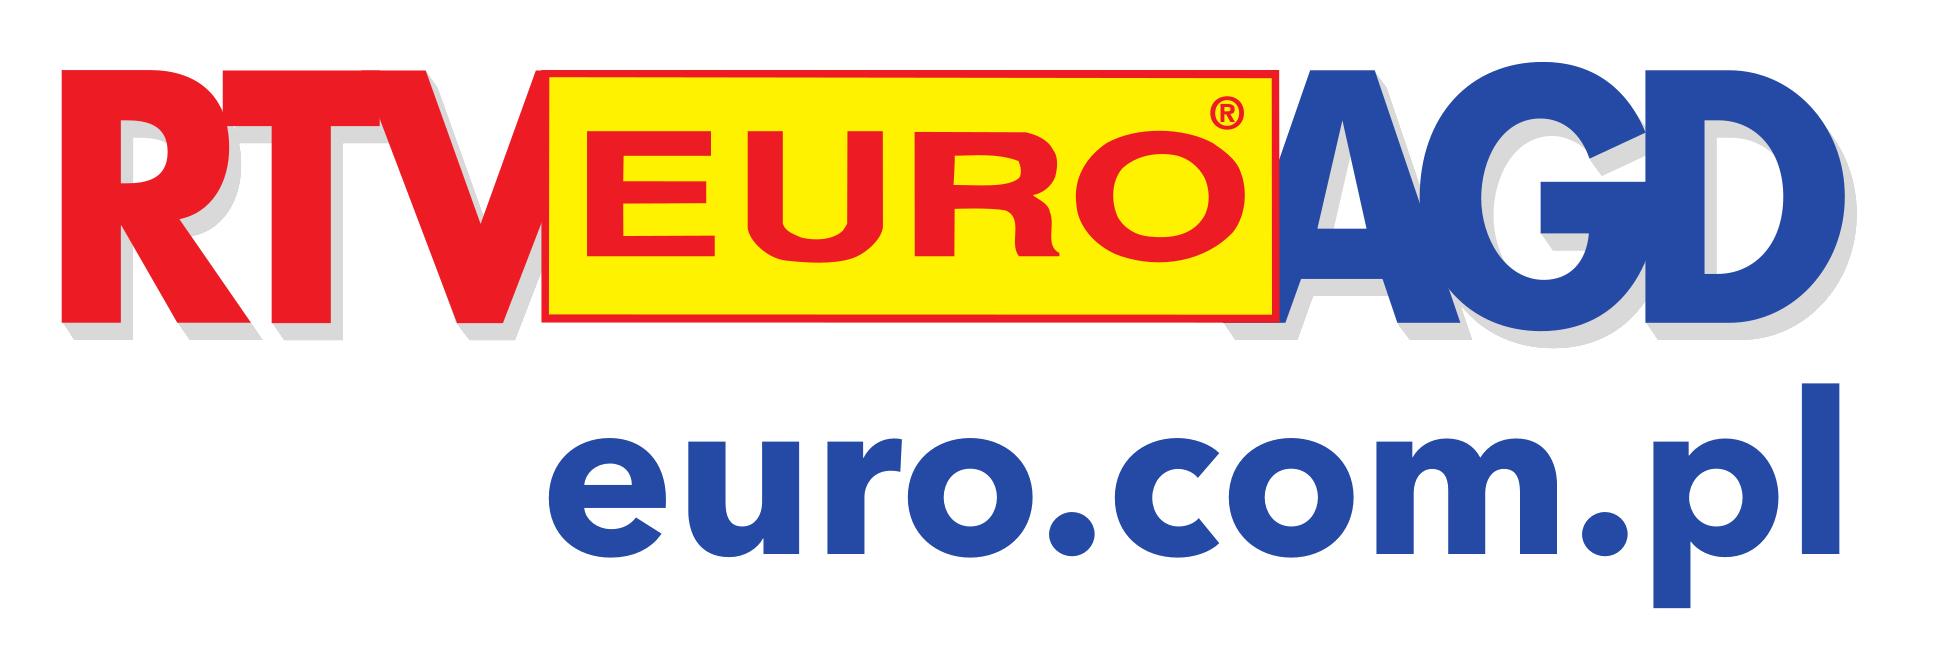 RTV EURO AGD - Karta Podarunkowa o wartości 200zł